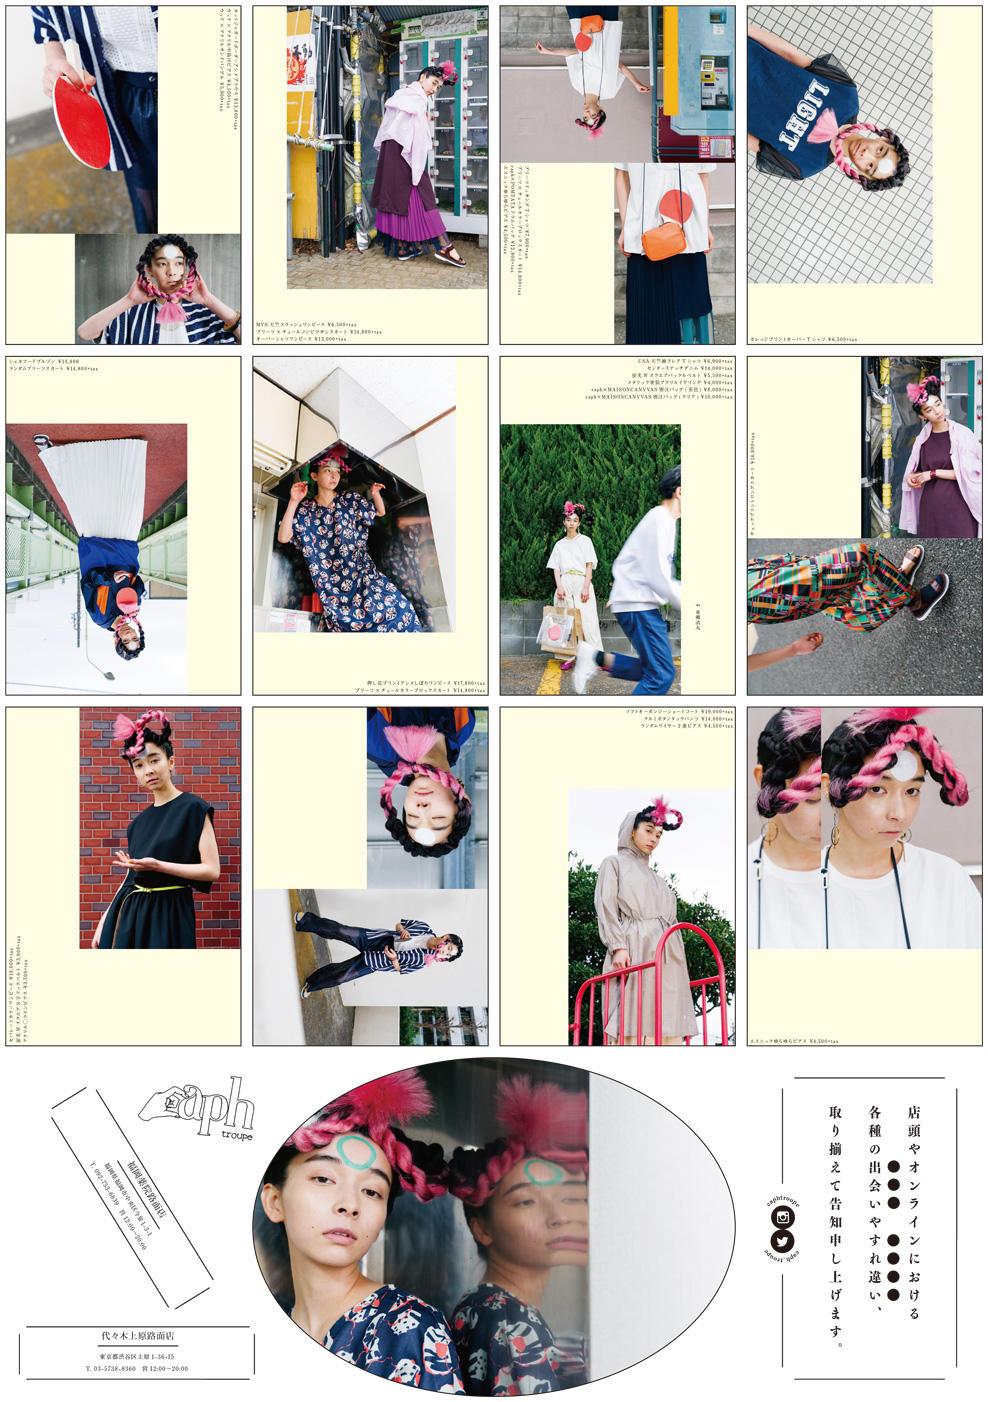 caph|2019 spring summer カタログ画像